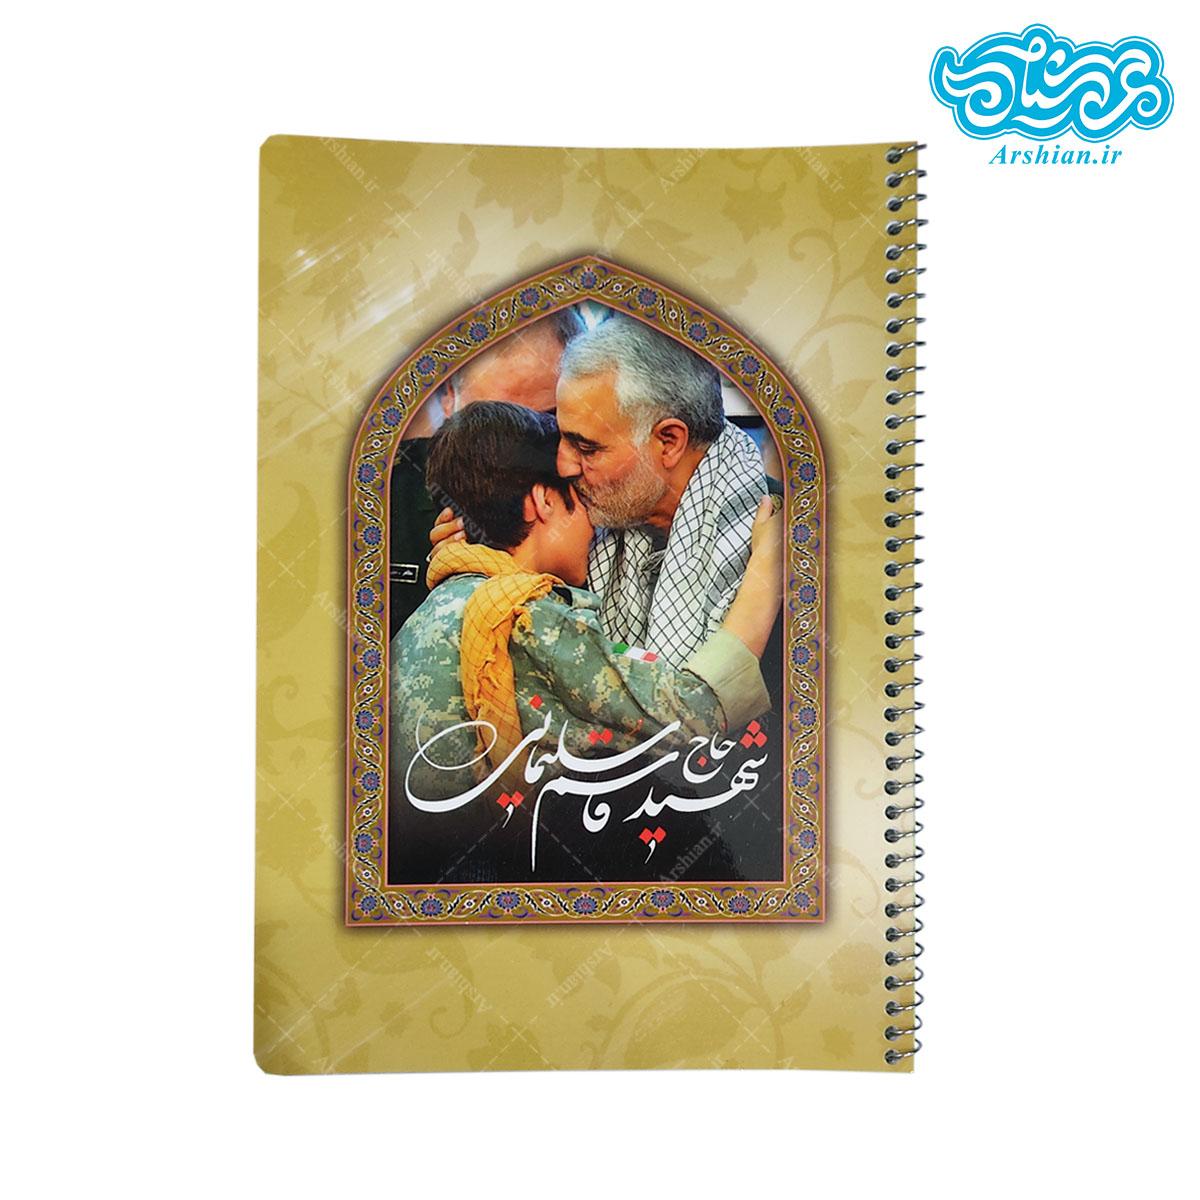 دفتر 50 برگ طرح حاج قاسم سلیمانی کد007